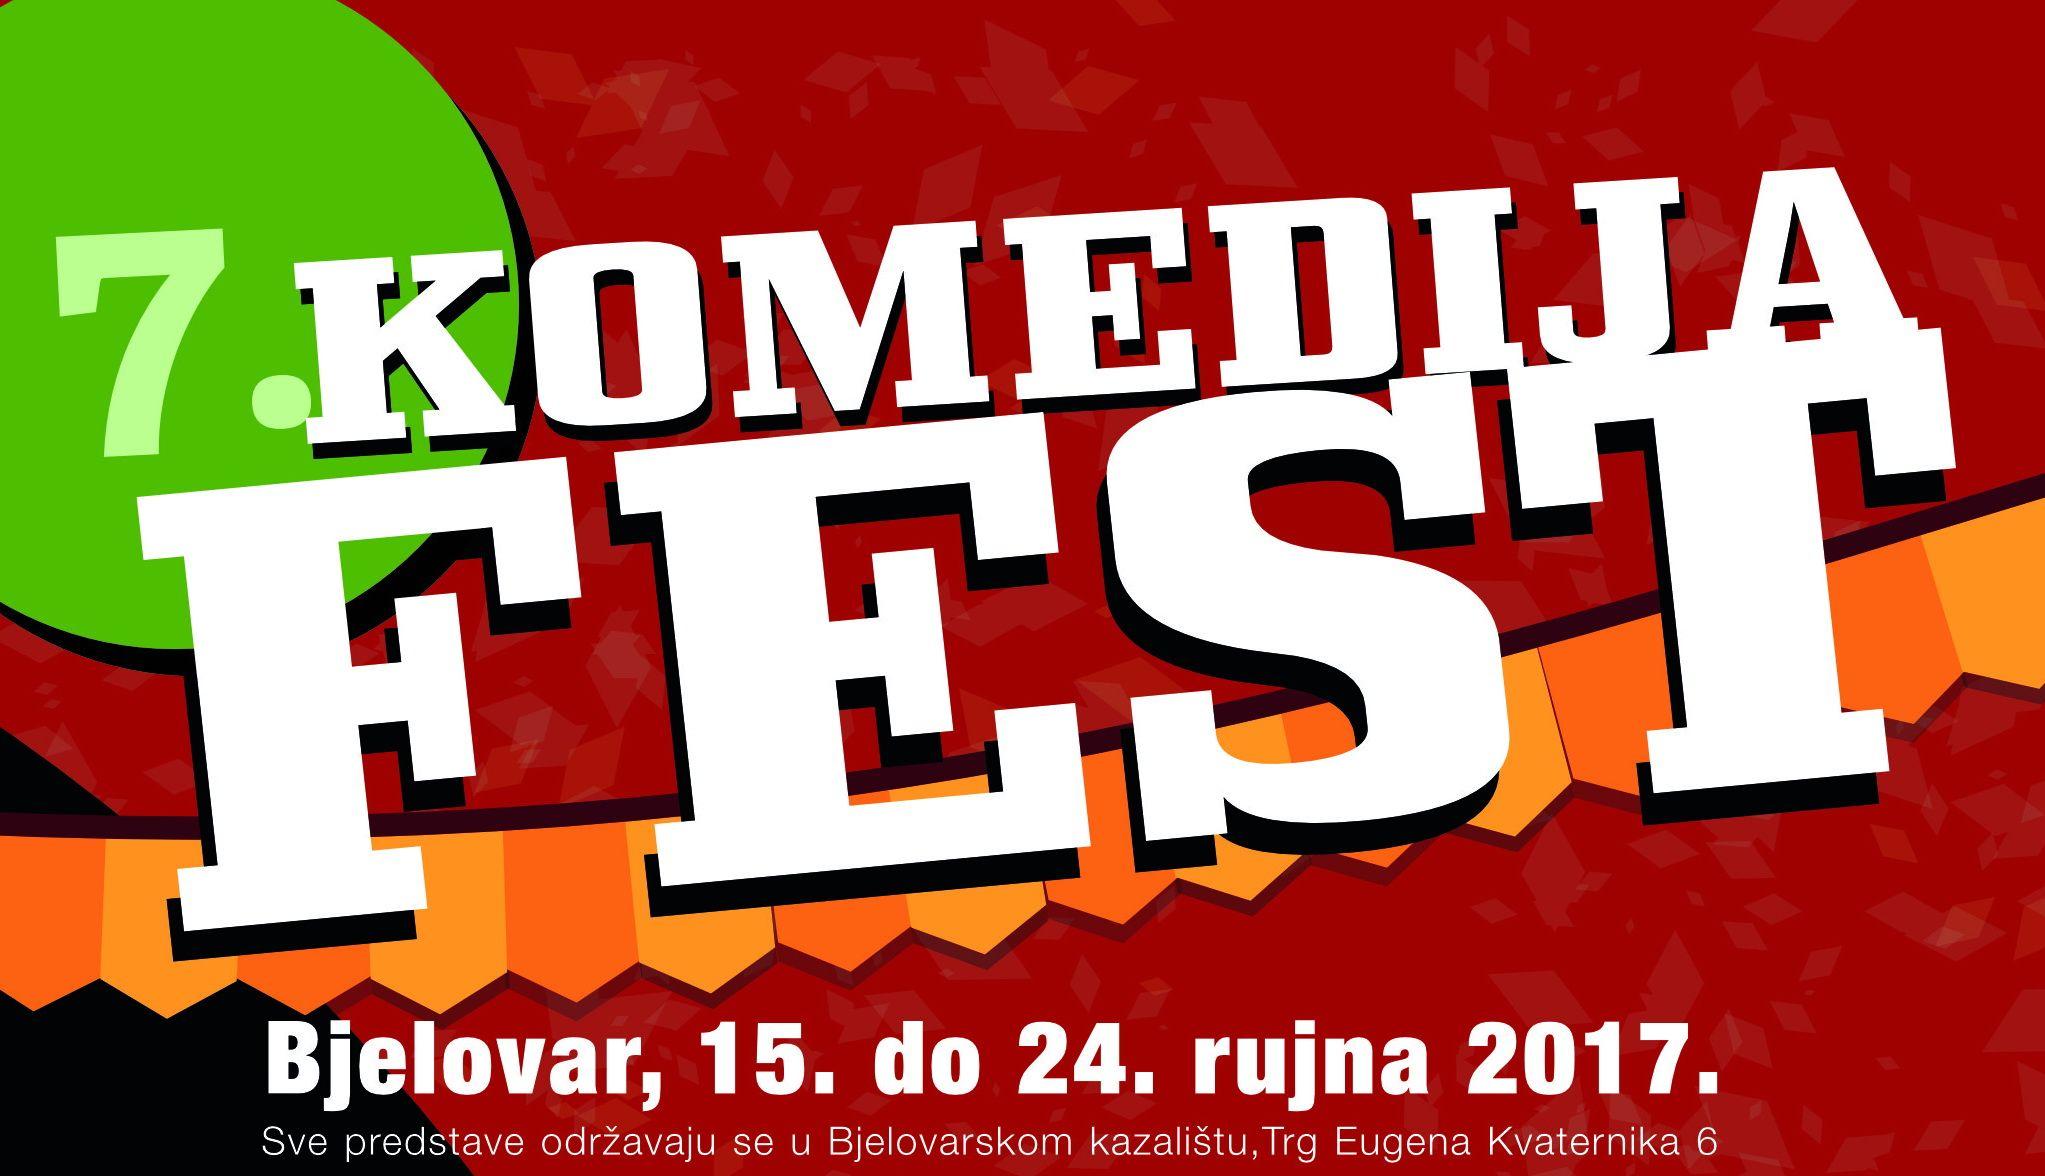 Komedija fest u Bjelovaru održat će se od 15. do 24. rujna 2017.